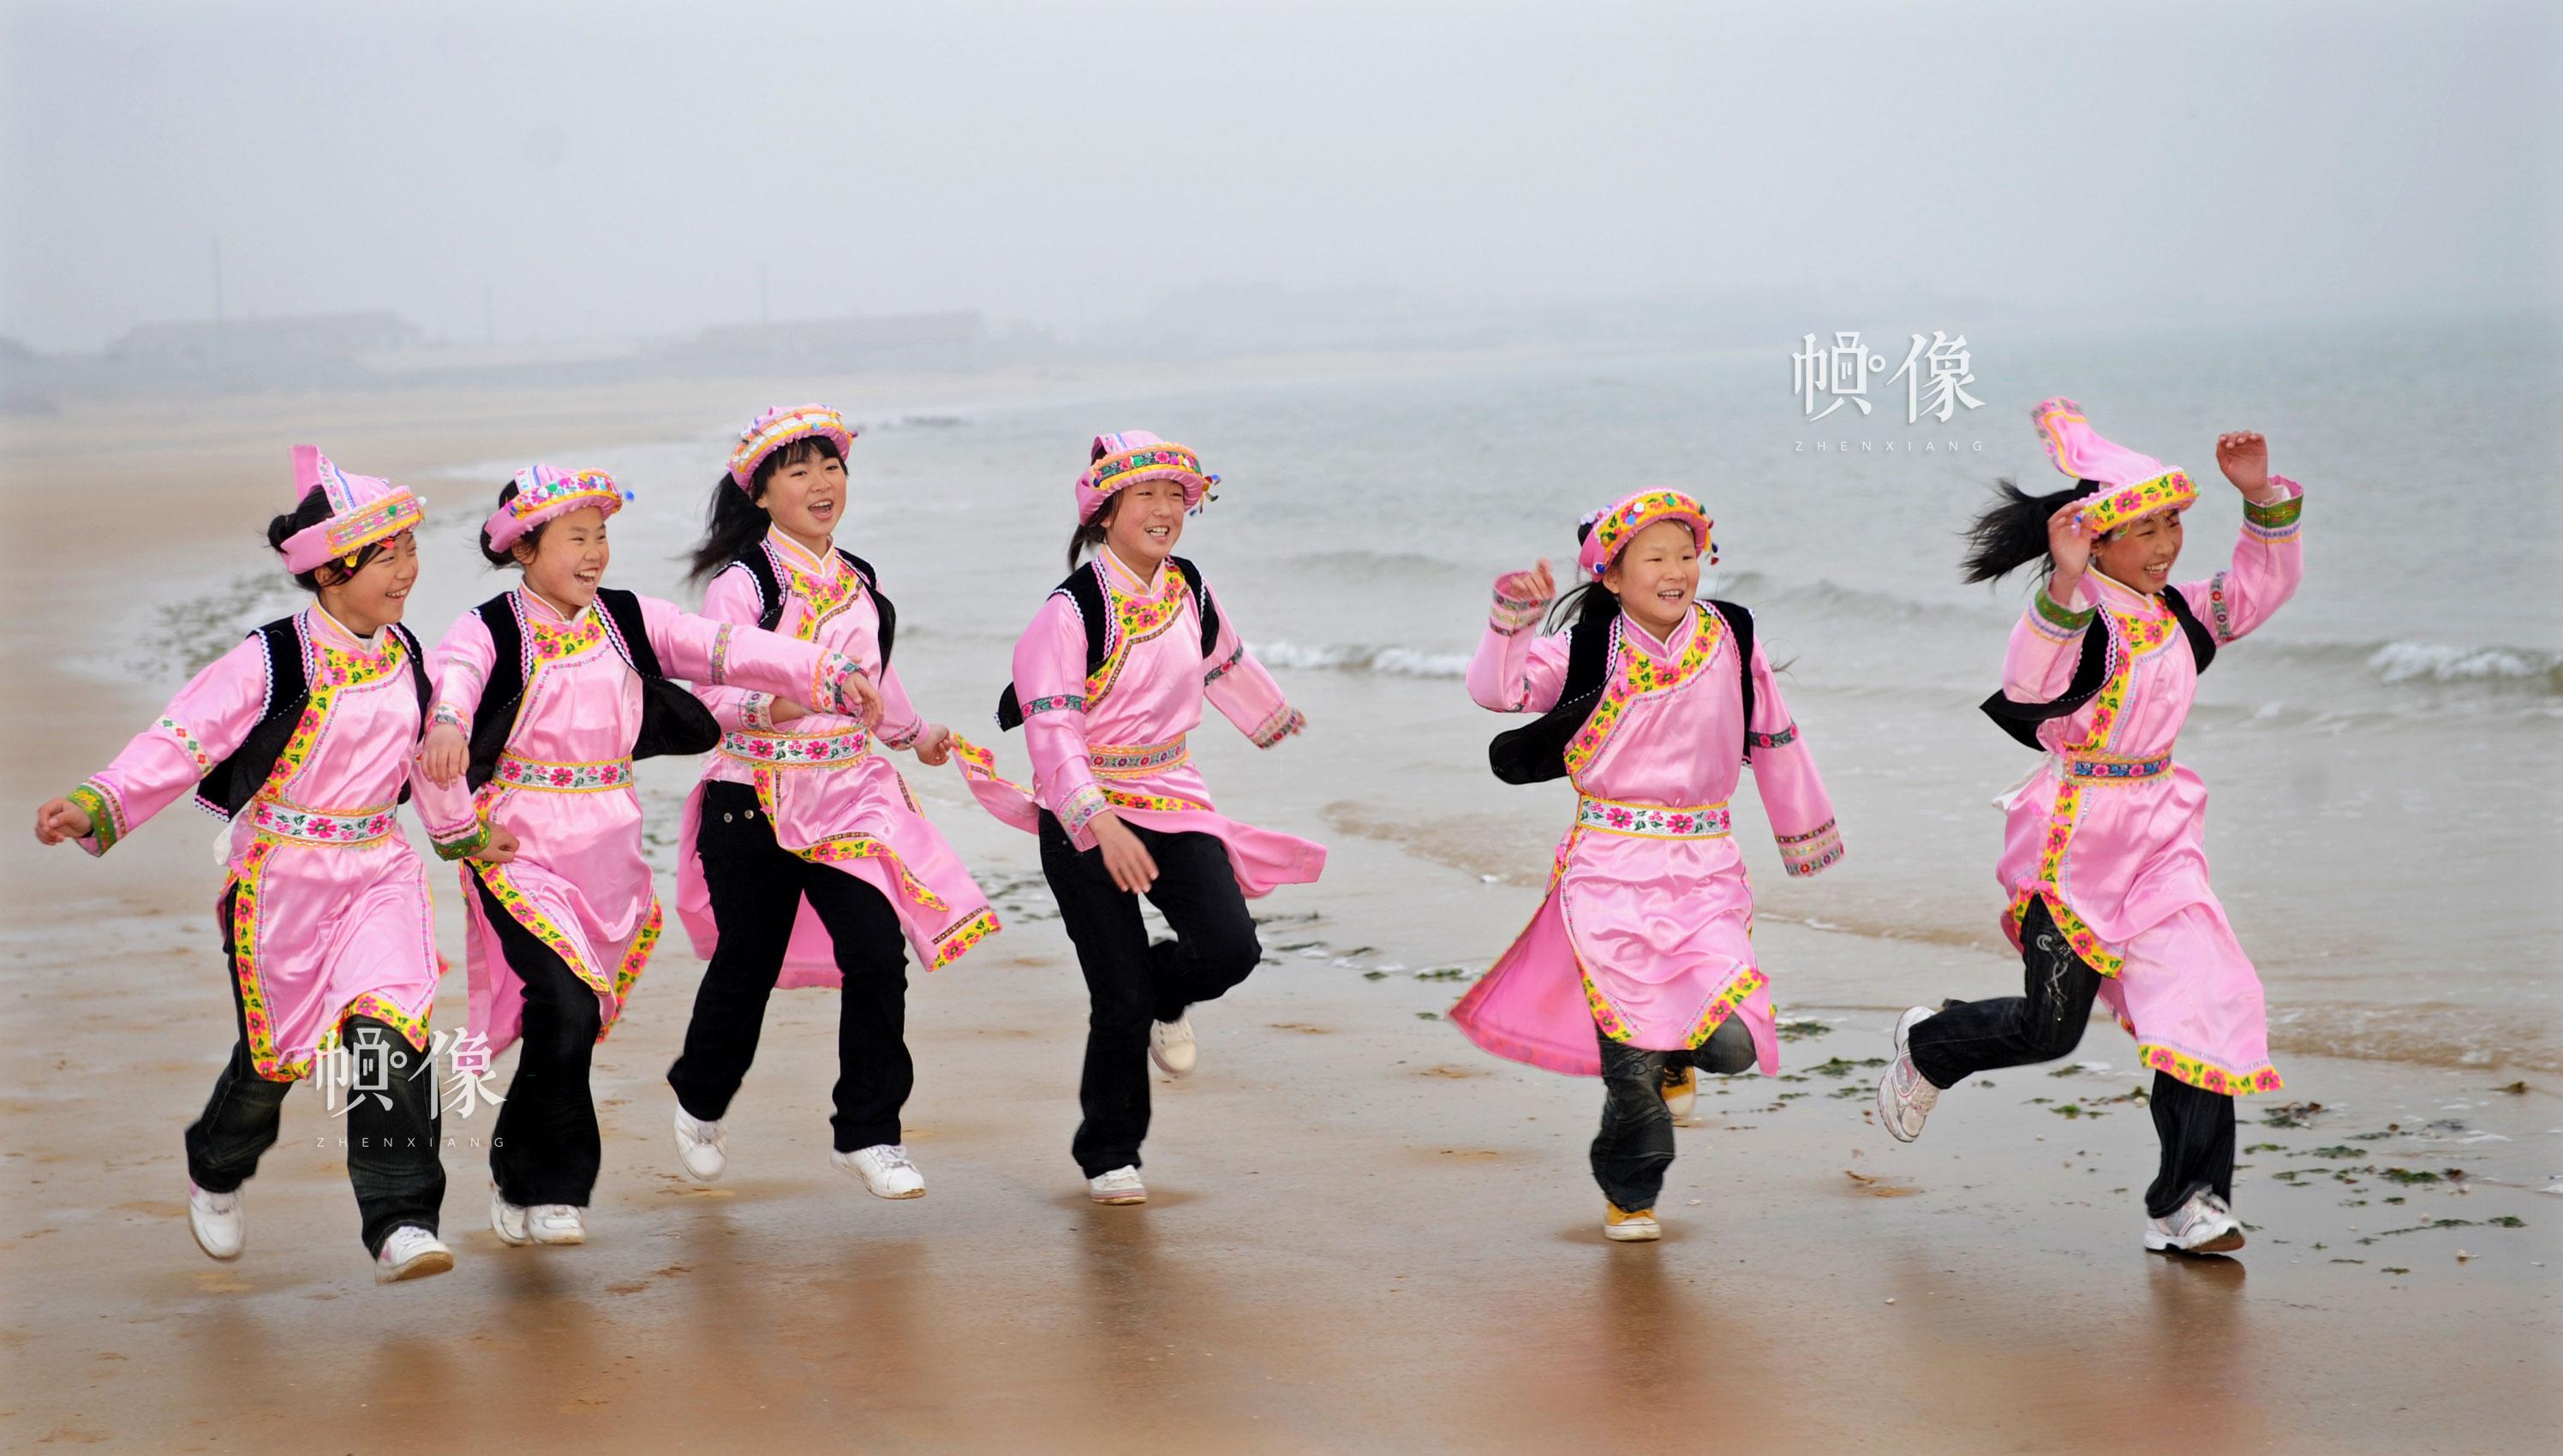 2009年4月,山东日照,安康家园孩子们在海边奔跑。雷声 摄